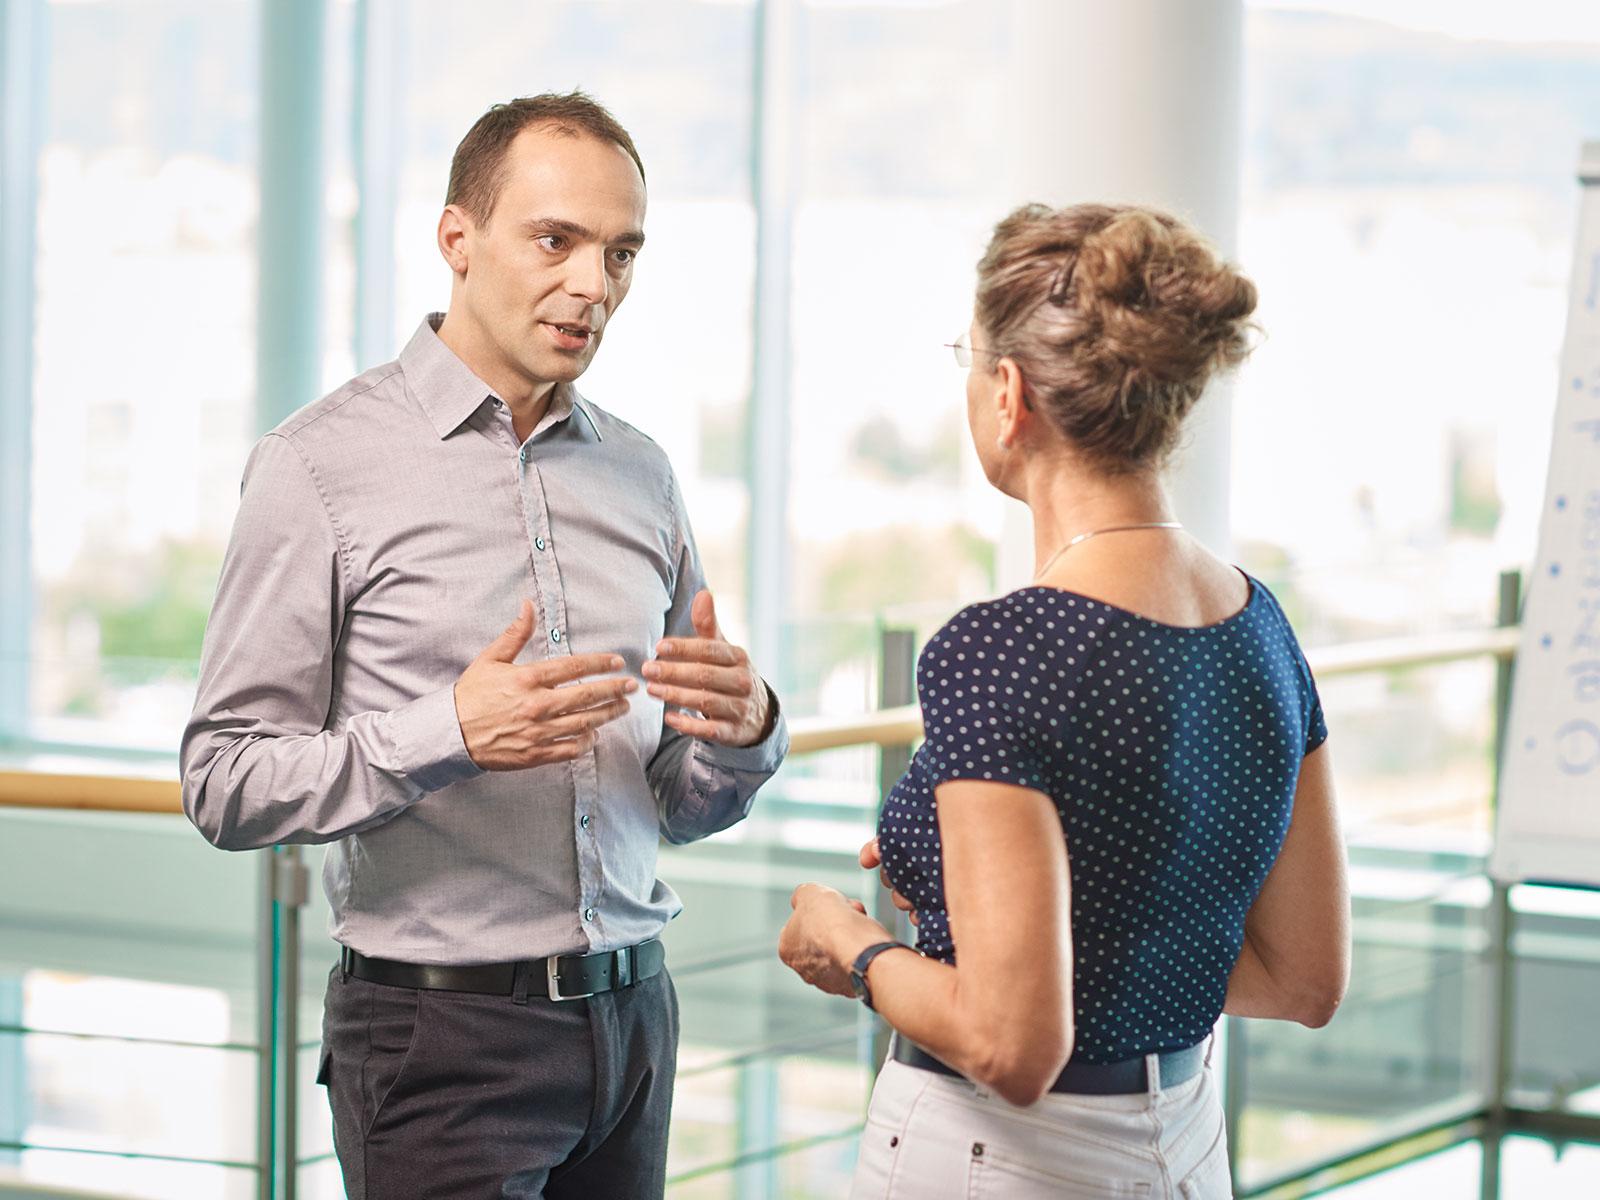 Vertrauen als Ansporn: Für das Handeln unserer Mitarbeiter gelten hohe Maßstäbe.